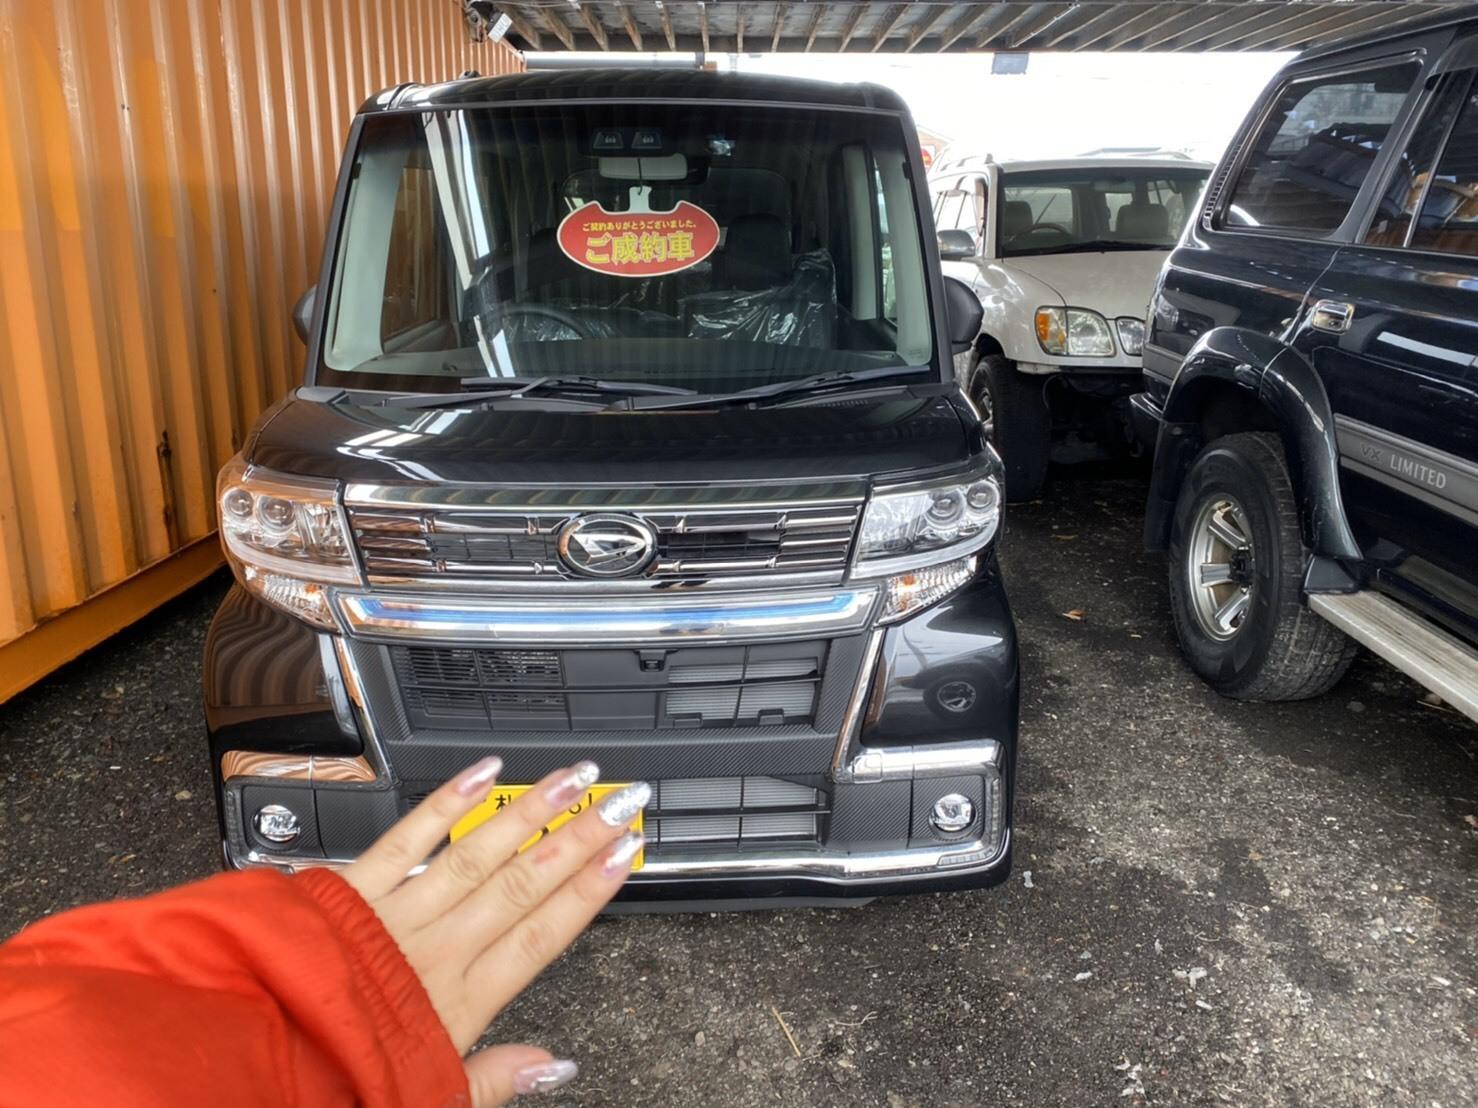 12月17日(火)本店ブログ♪ ハイエースバン 5ドアバン3.0DT スーパーGLロング 4WD_b0127002_17560094.jpg